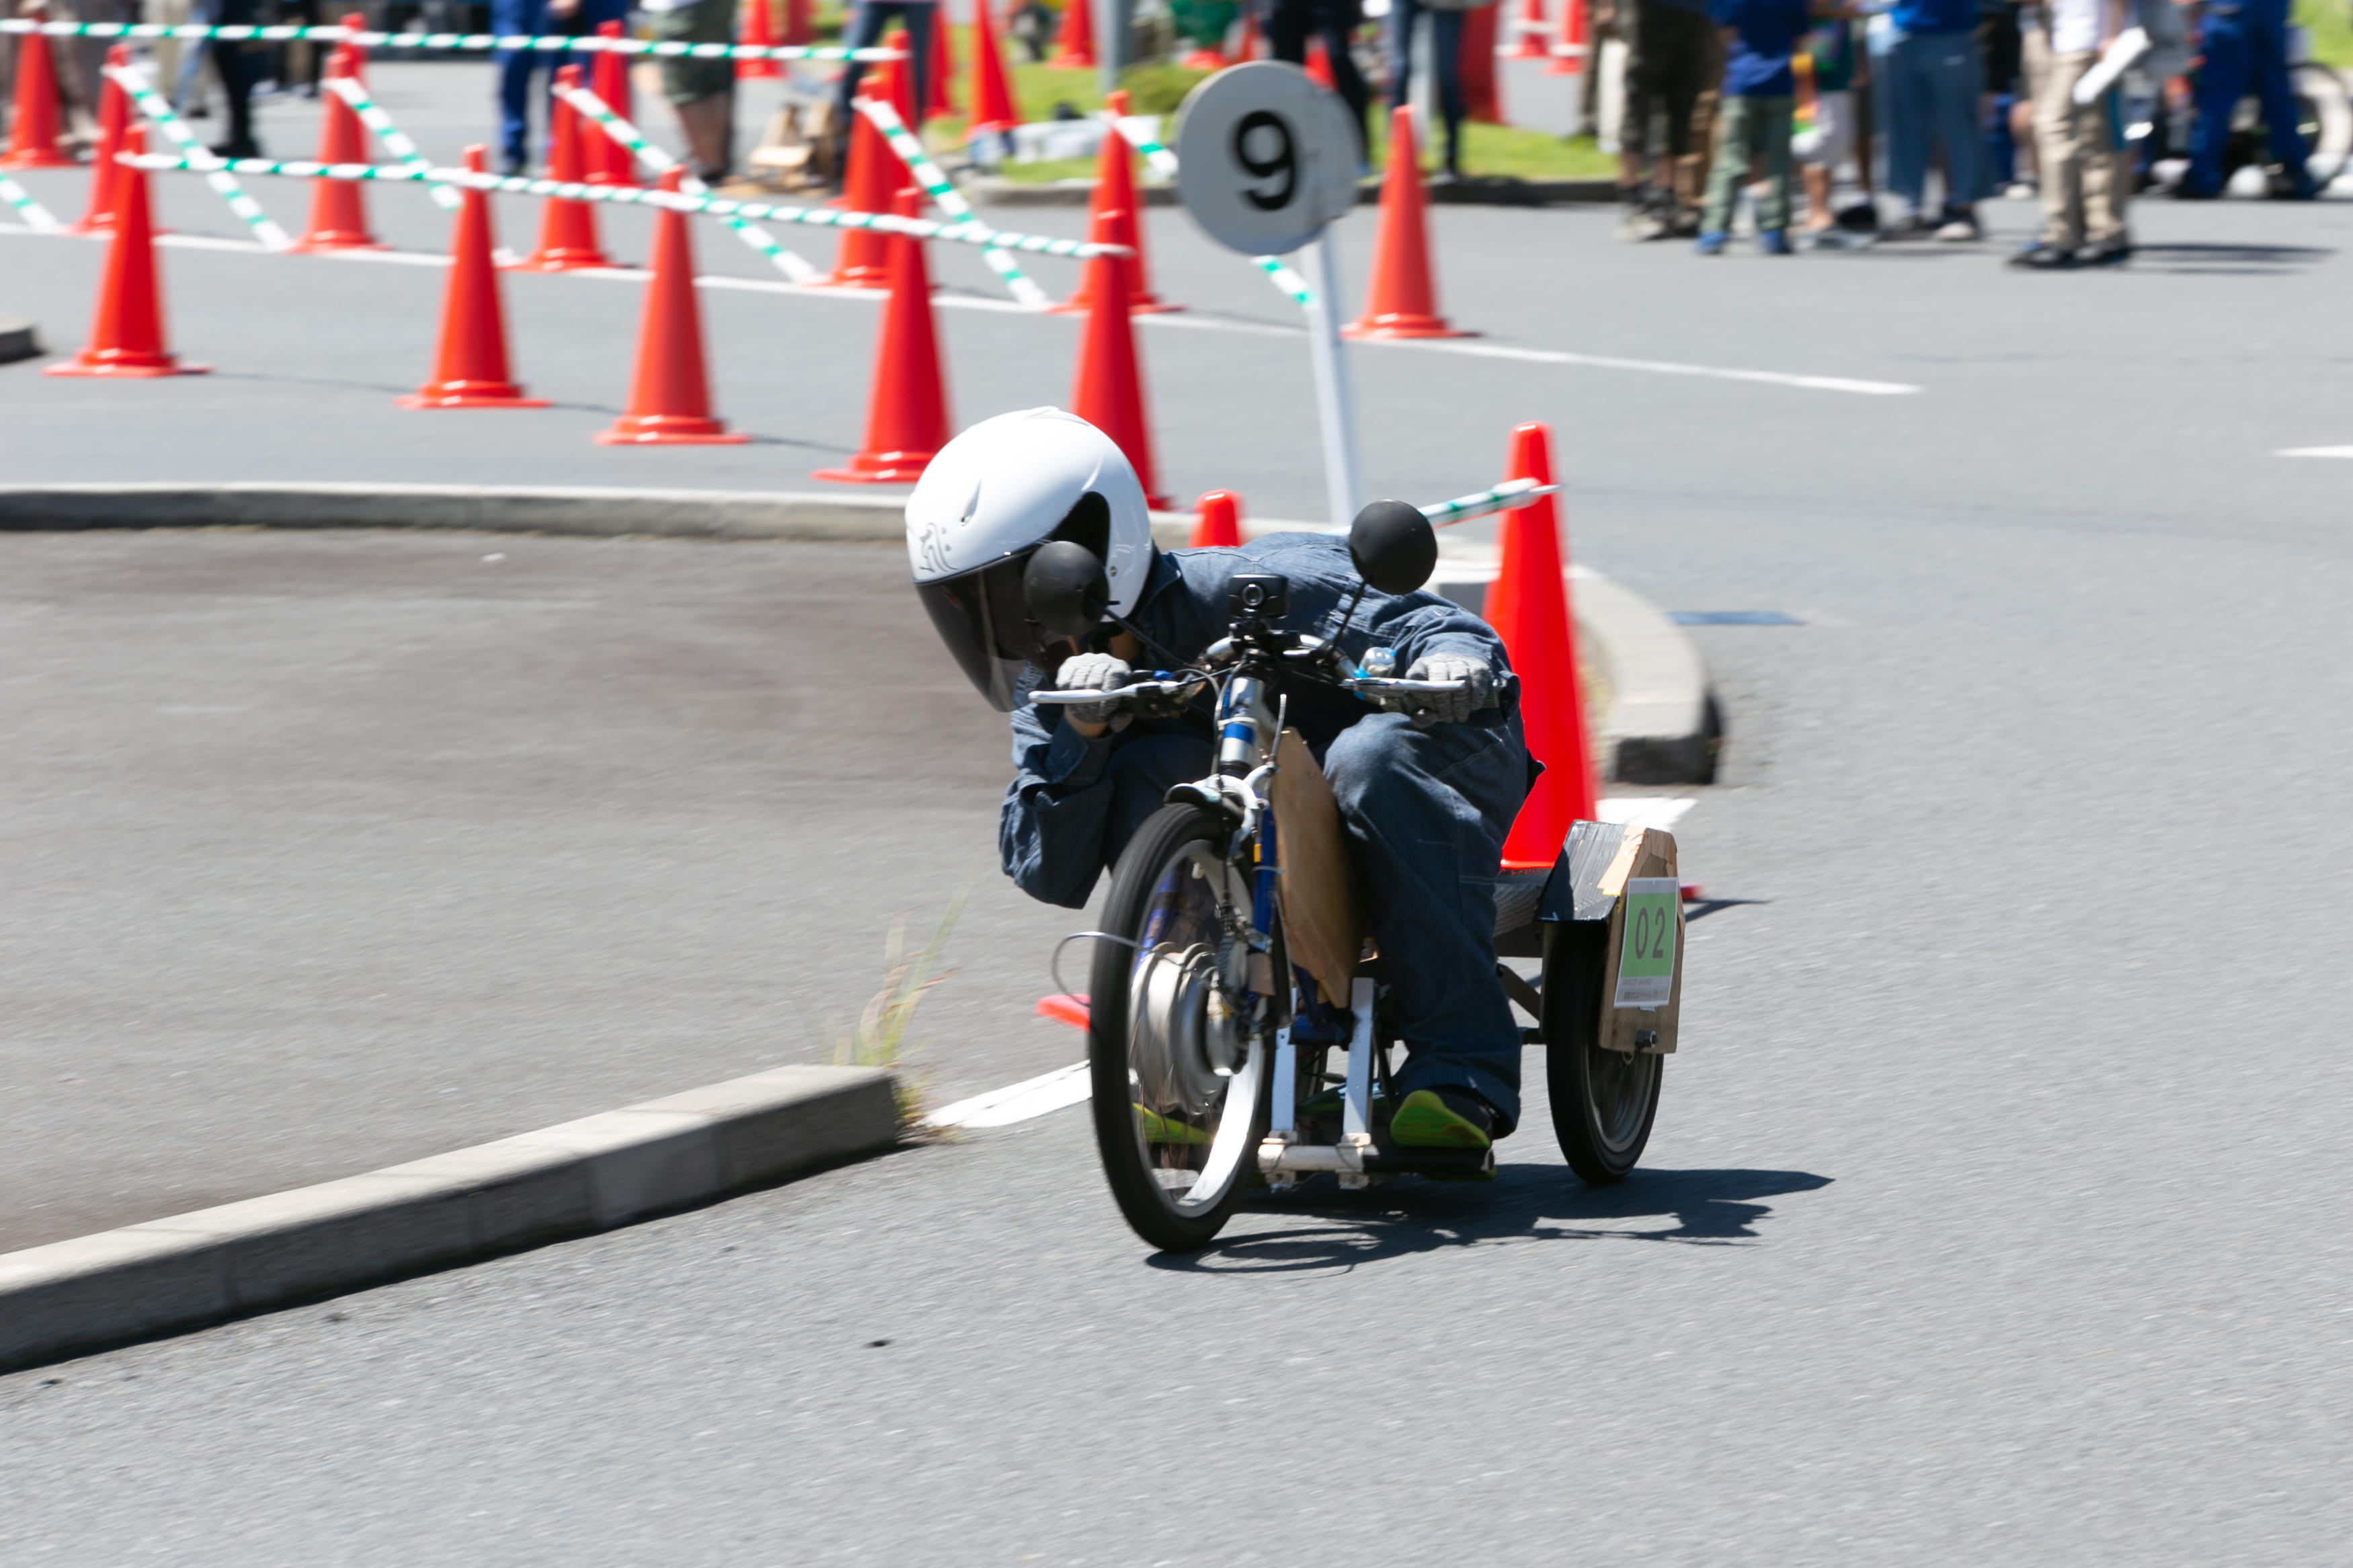 【取材可】東京都市大学が8月24日に中・高校生による手作り電気自動車コンテスト「エコ1チャレンジカップ2019」を開催